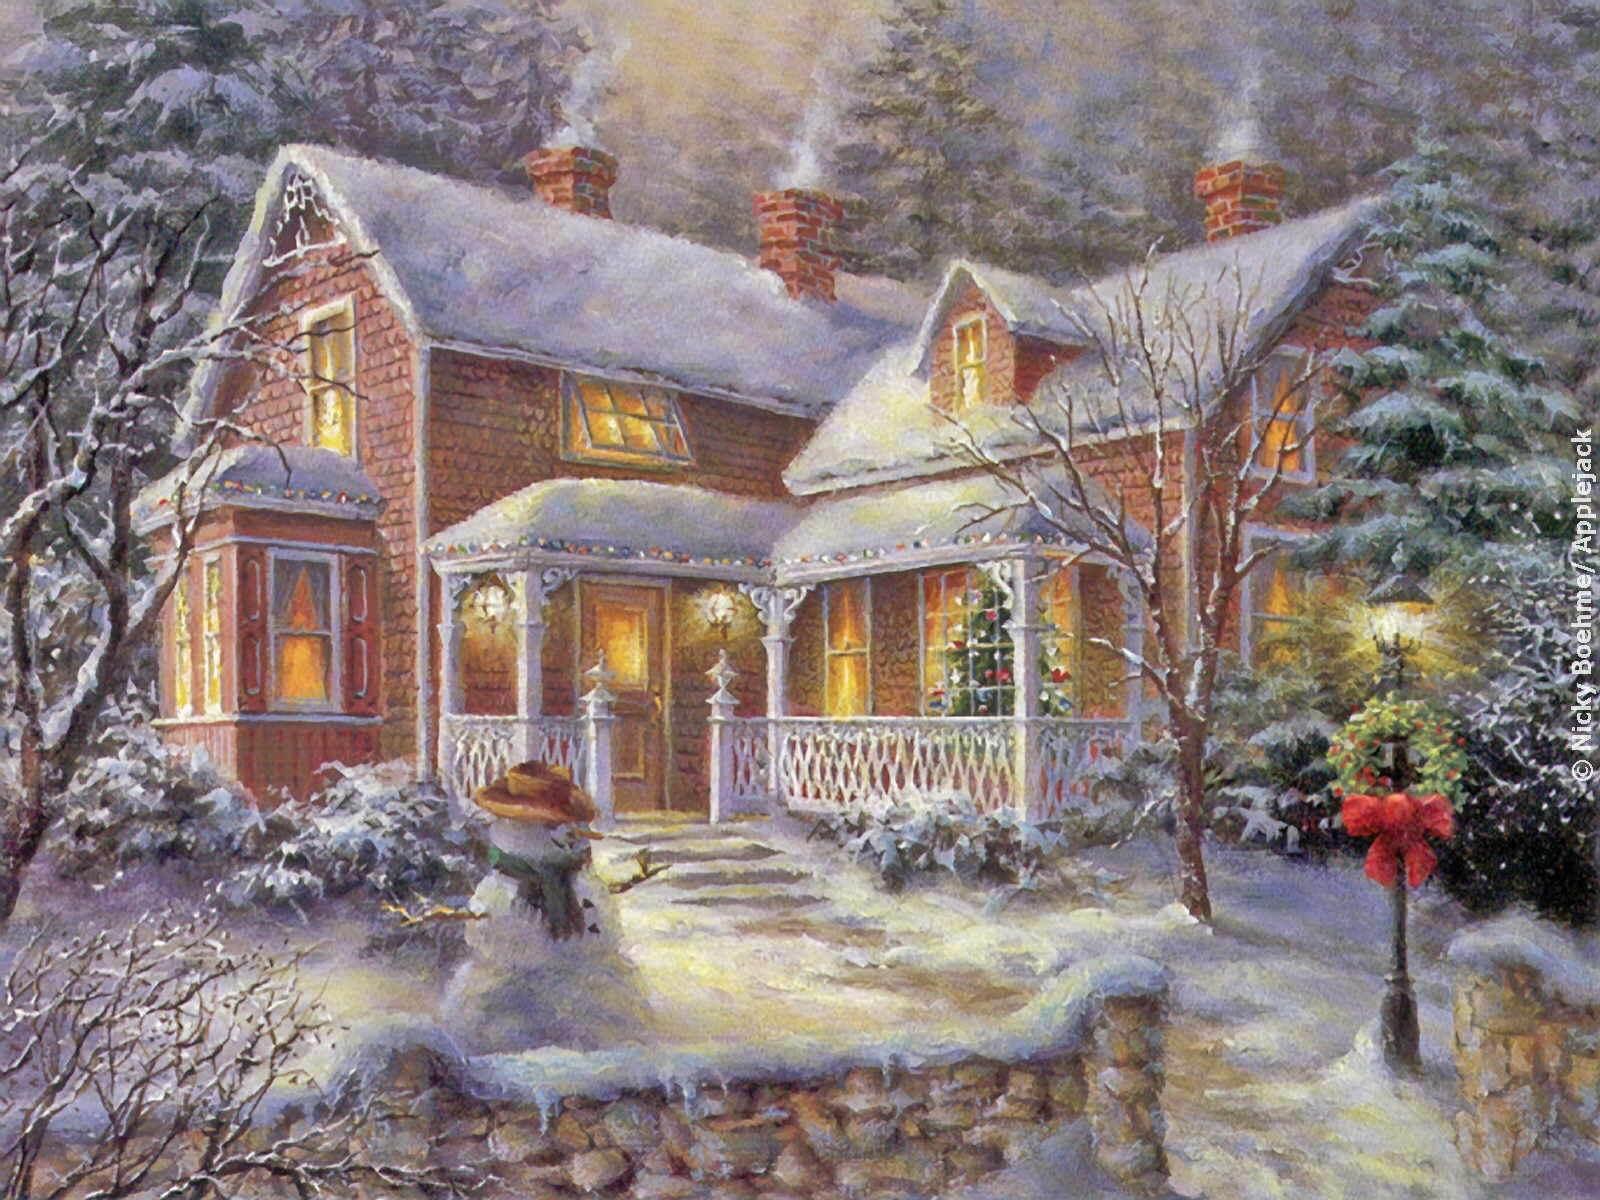 Beliebte Weihnachten Bilder für Mobiltelefone